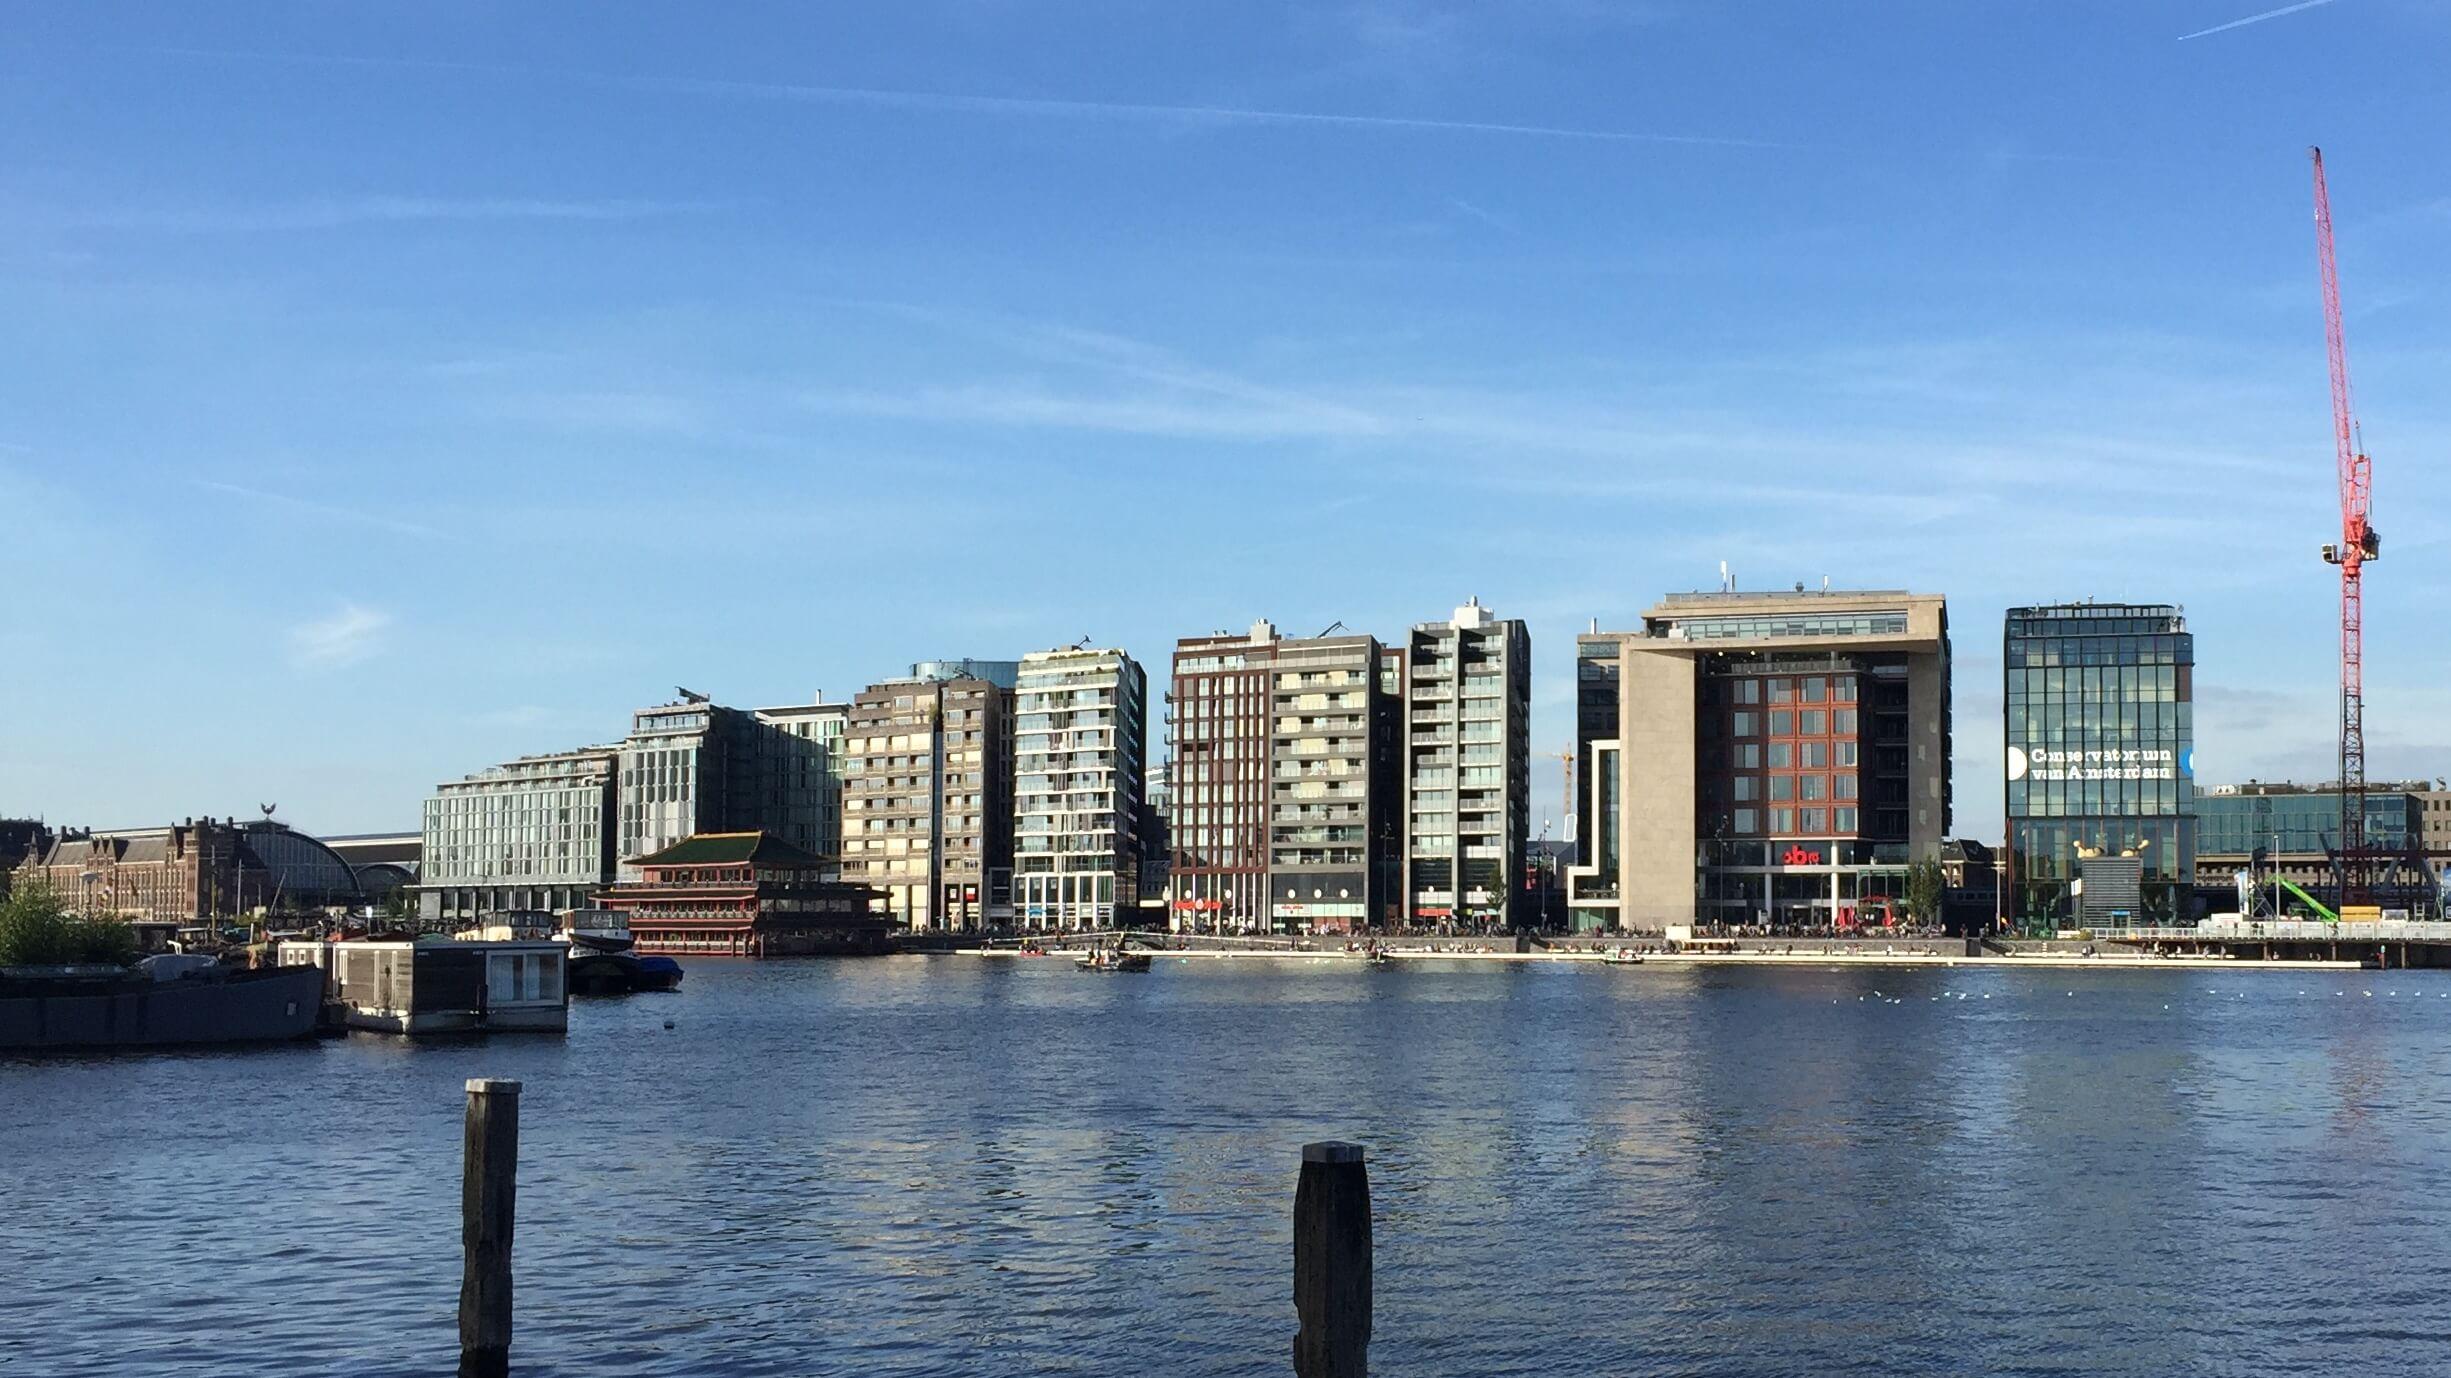 Color and Papercut Edges, Architecture on Amsterdam Travelcafé Bike Tour